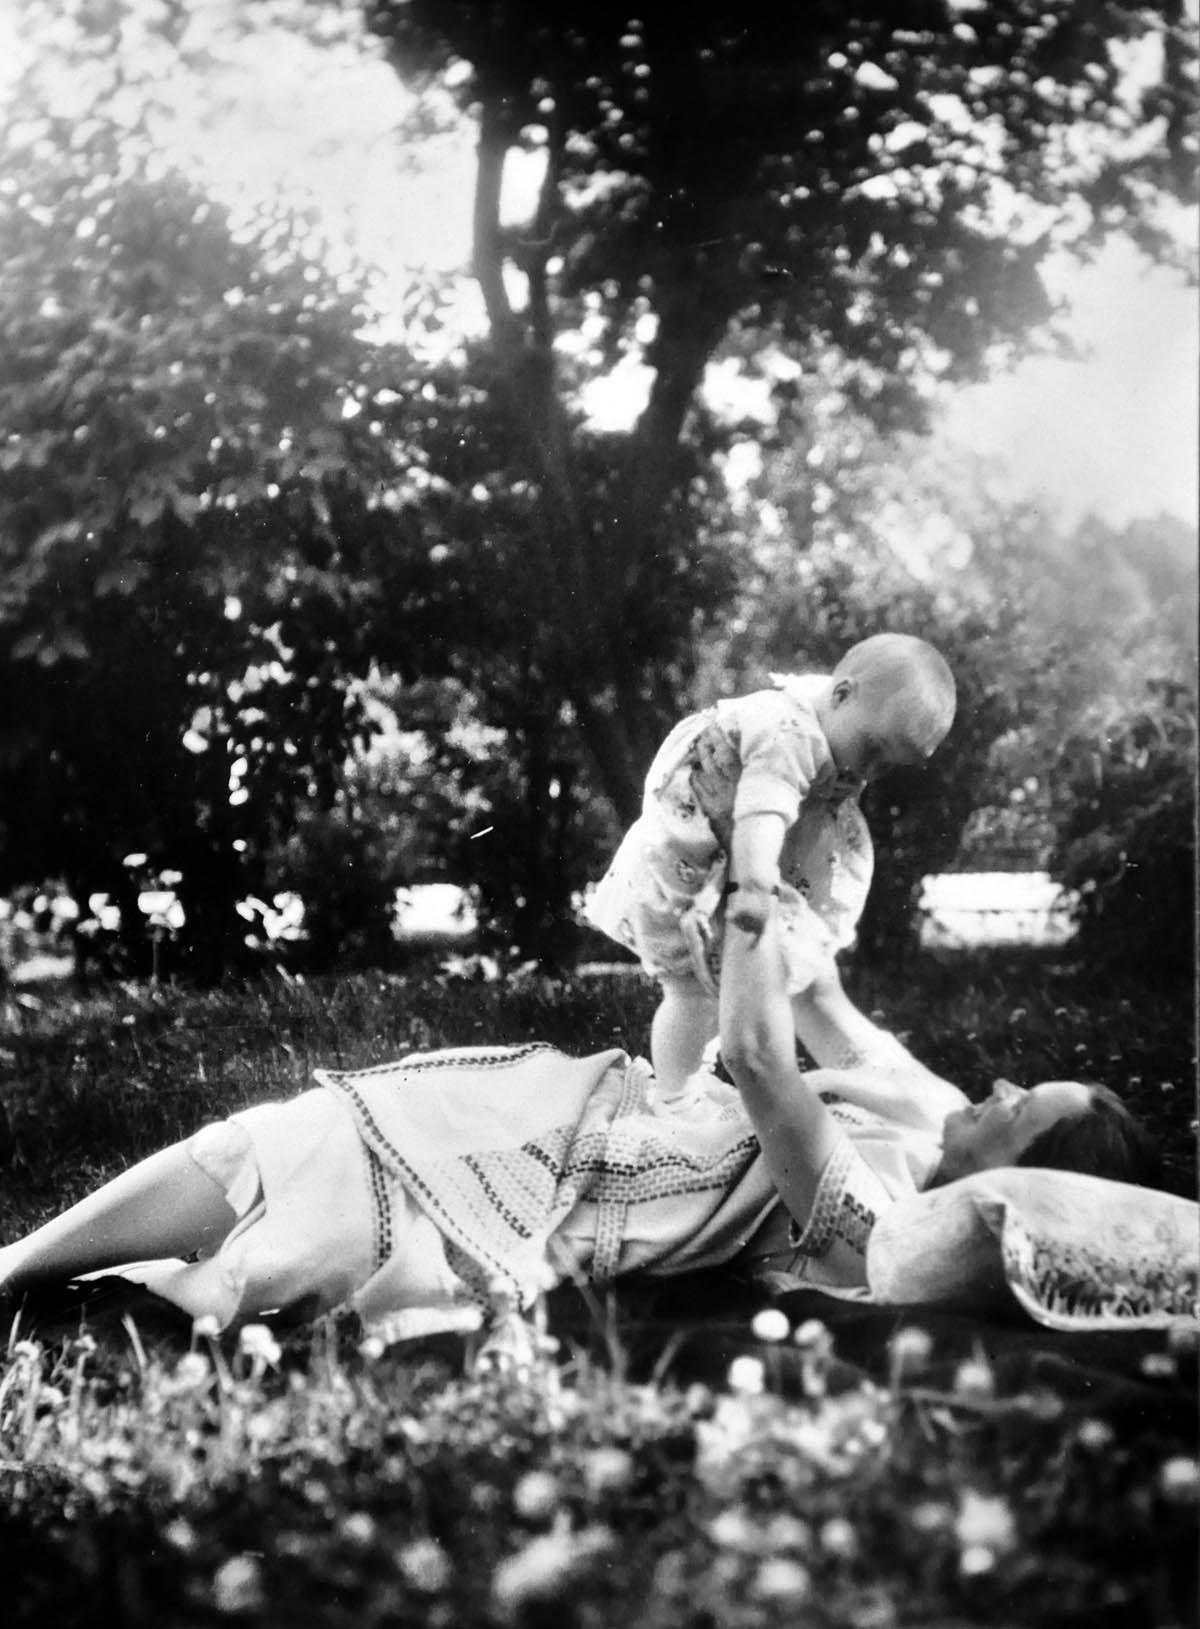 En till magisk bild! Maja och min mamma i nåt slags förtrollat gräs och skimmer.